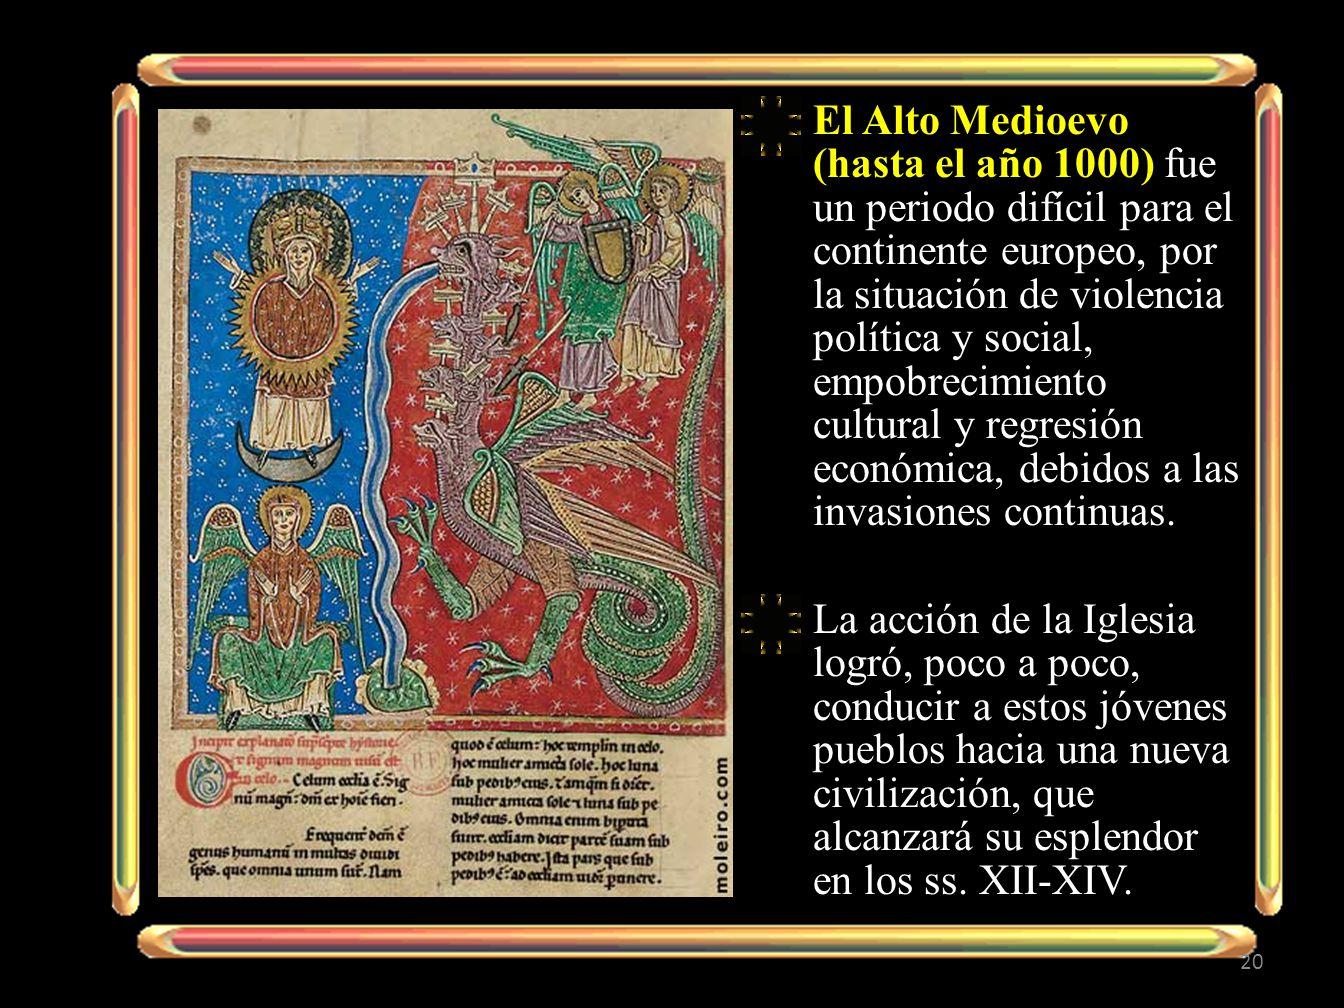 El Alto Medioevo (hasta el año 1000) fue un periodo difícil para el continente europeo, por la situación de violencia política y social, empobrecimiento cultural y regresión económica, debidos a las invasiones continuas.